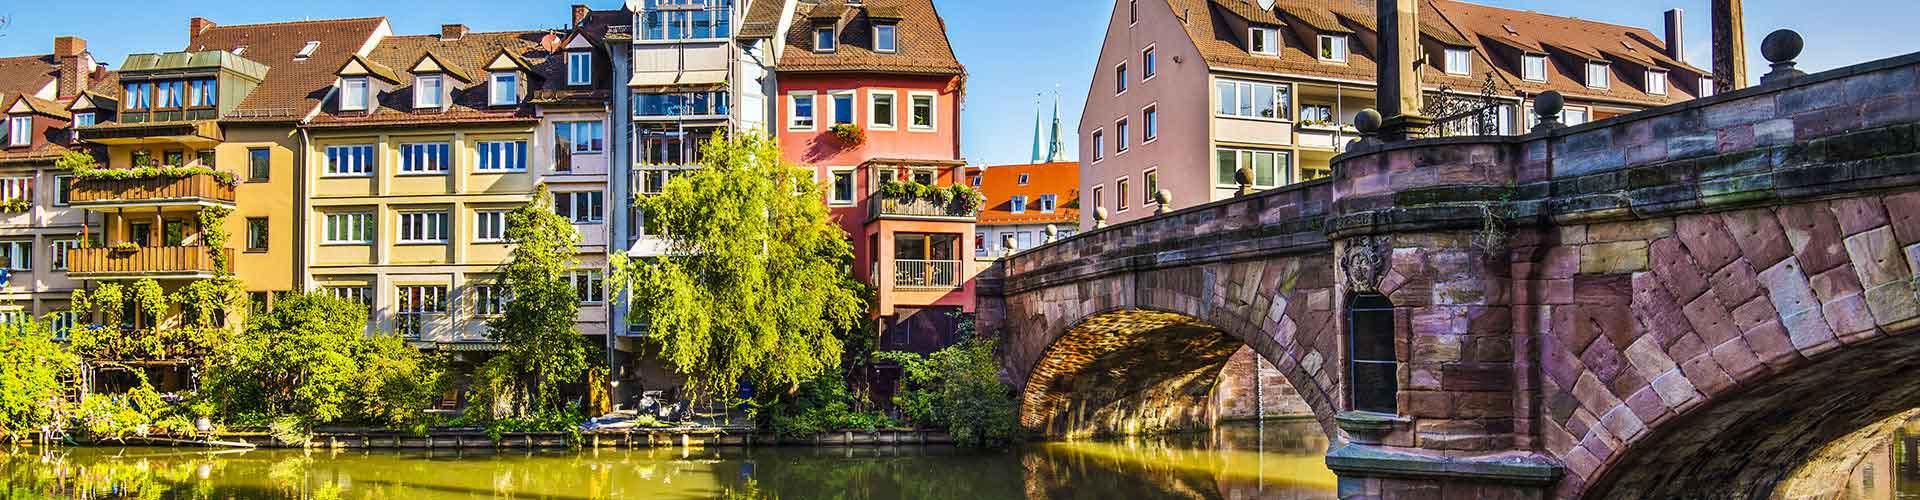 Nuremberg - Hostales en Nuremberg. Mapas de Nuremberg, Fotos y comentarios de cada Hostal en Nuremberg.